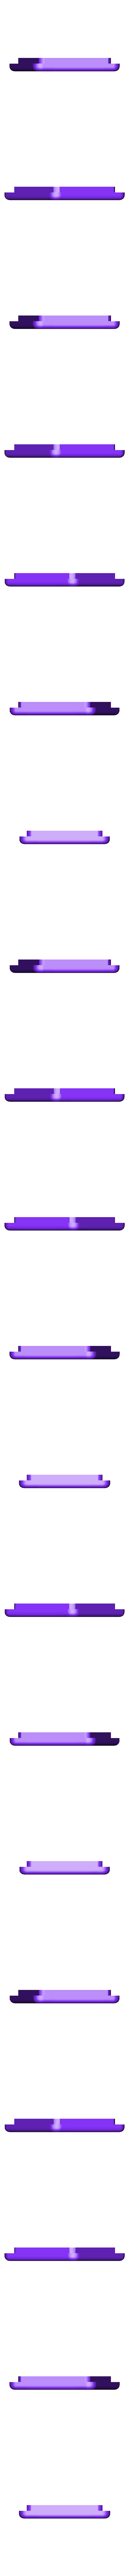 bottom_cap.stl Télécharger fichier STL gratuit Cadre de drone TPU FPV - Indestructible • Modèle à imprimer en 3D, gvaskovsky